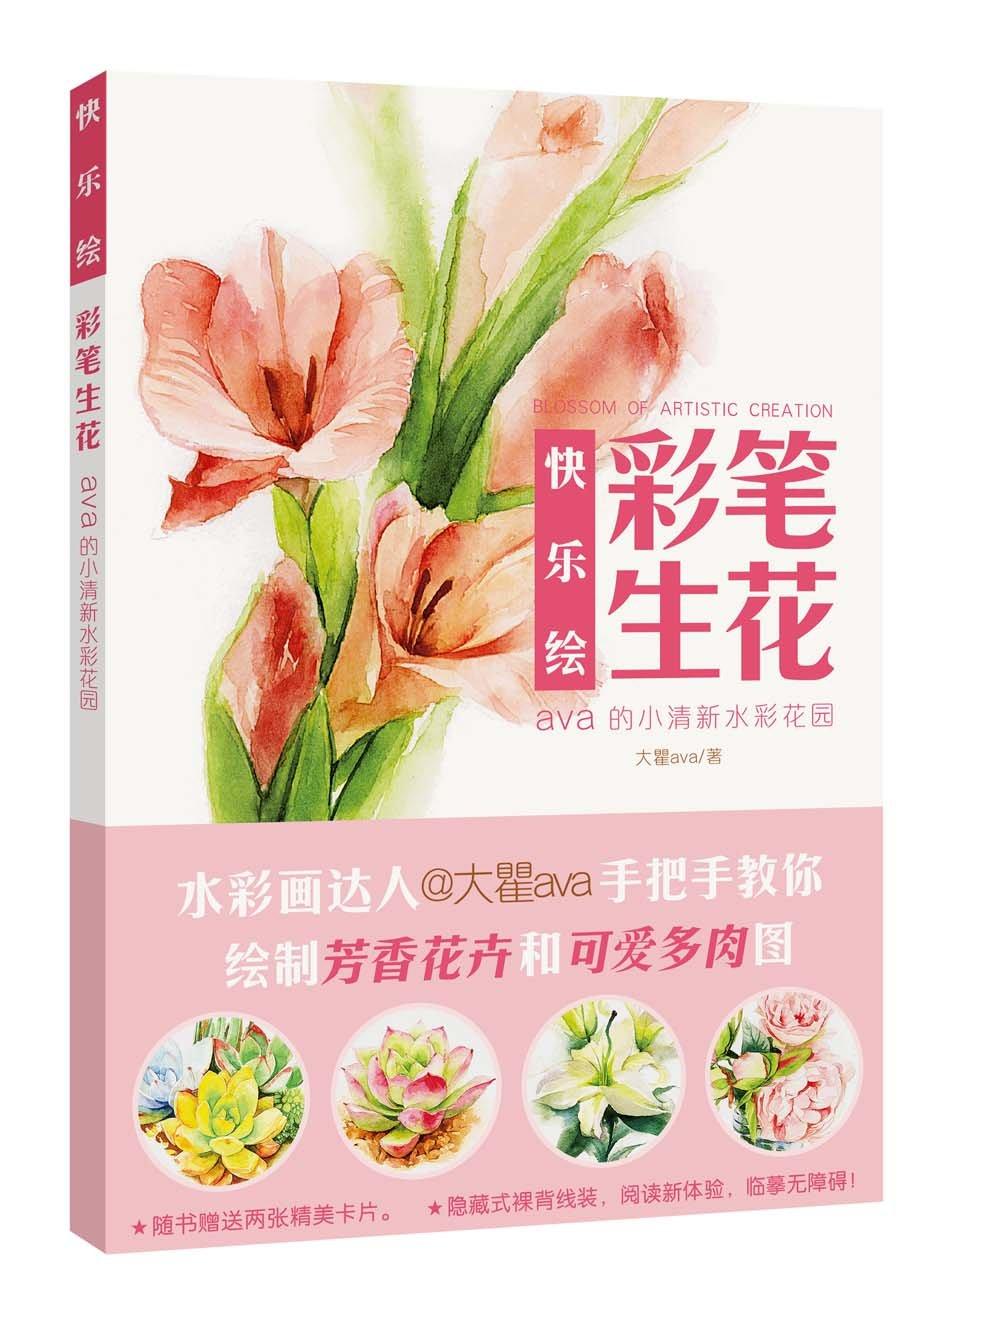 หนังสือสอนระบายสีน้ำ ภาพดอกไม้ (พร้อมส่งตำหนิมุม)